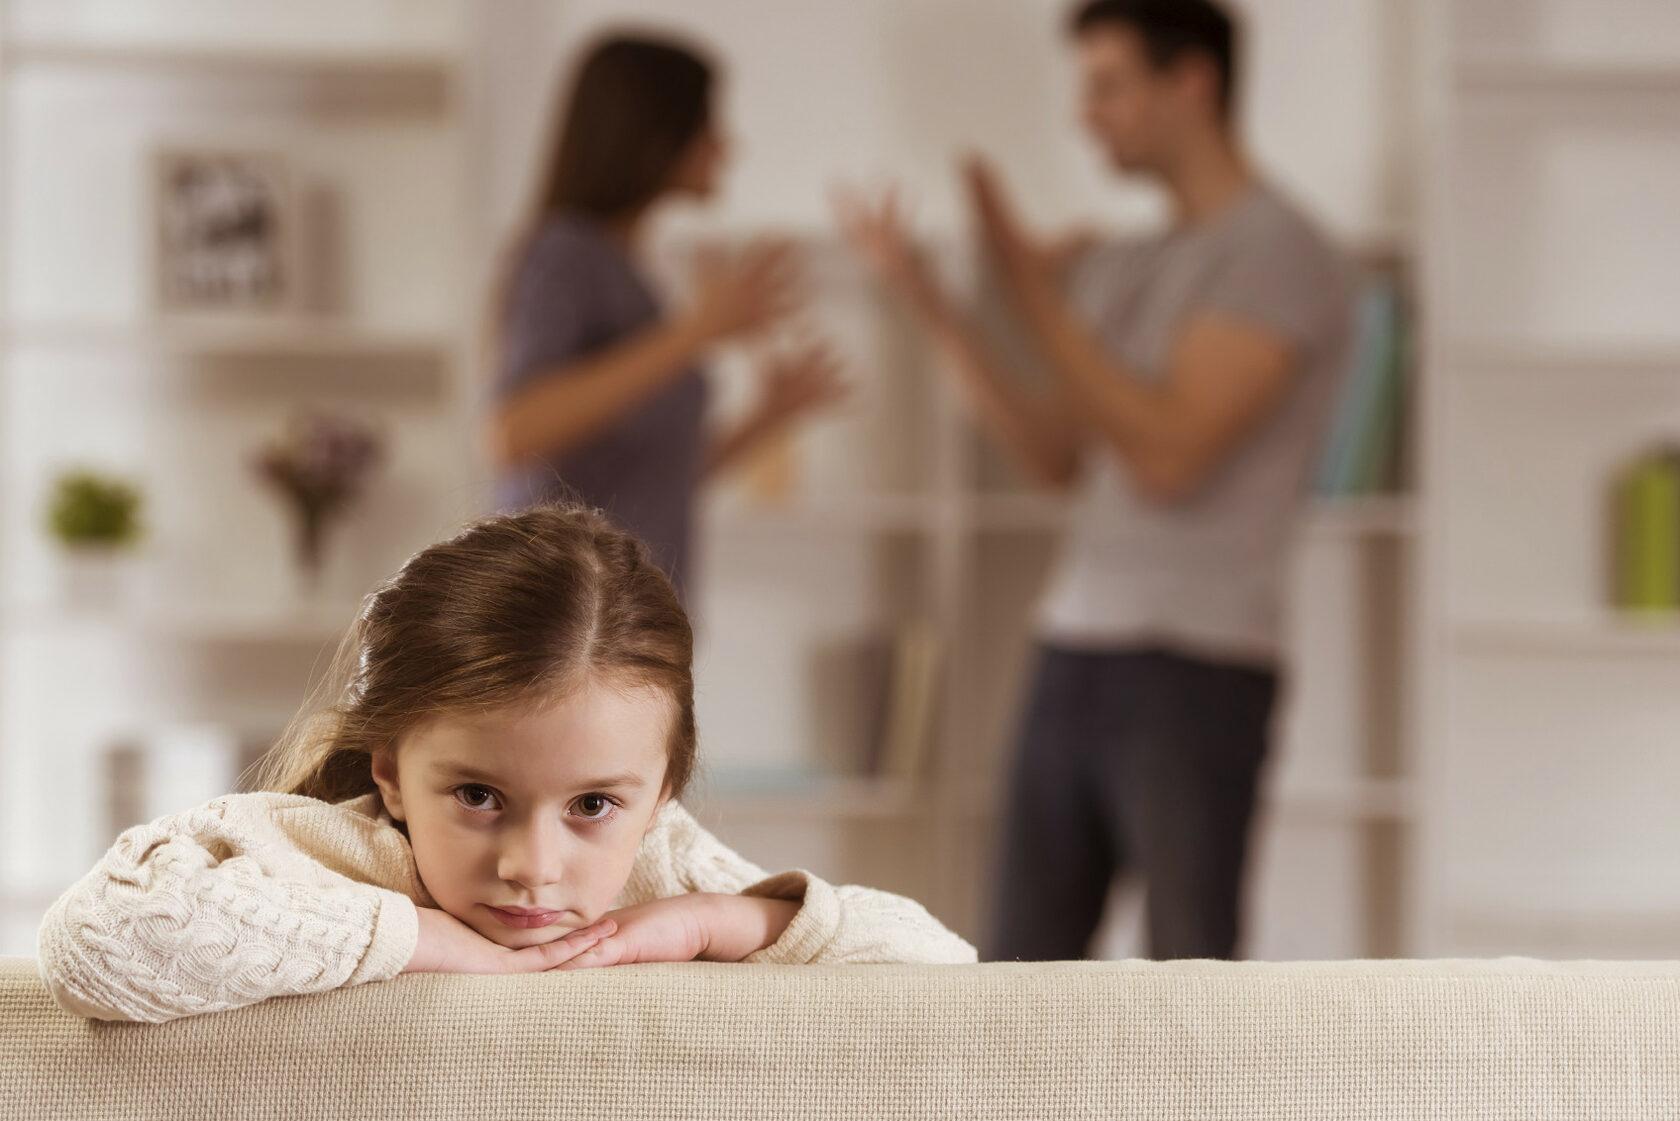 Как взыскиваются алименты на ребенка, если родители не состоят в браке? Адвокат в Запорожье. Юридическое бюро Линия права